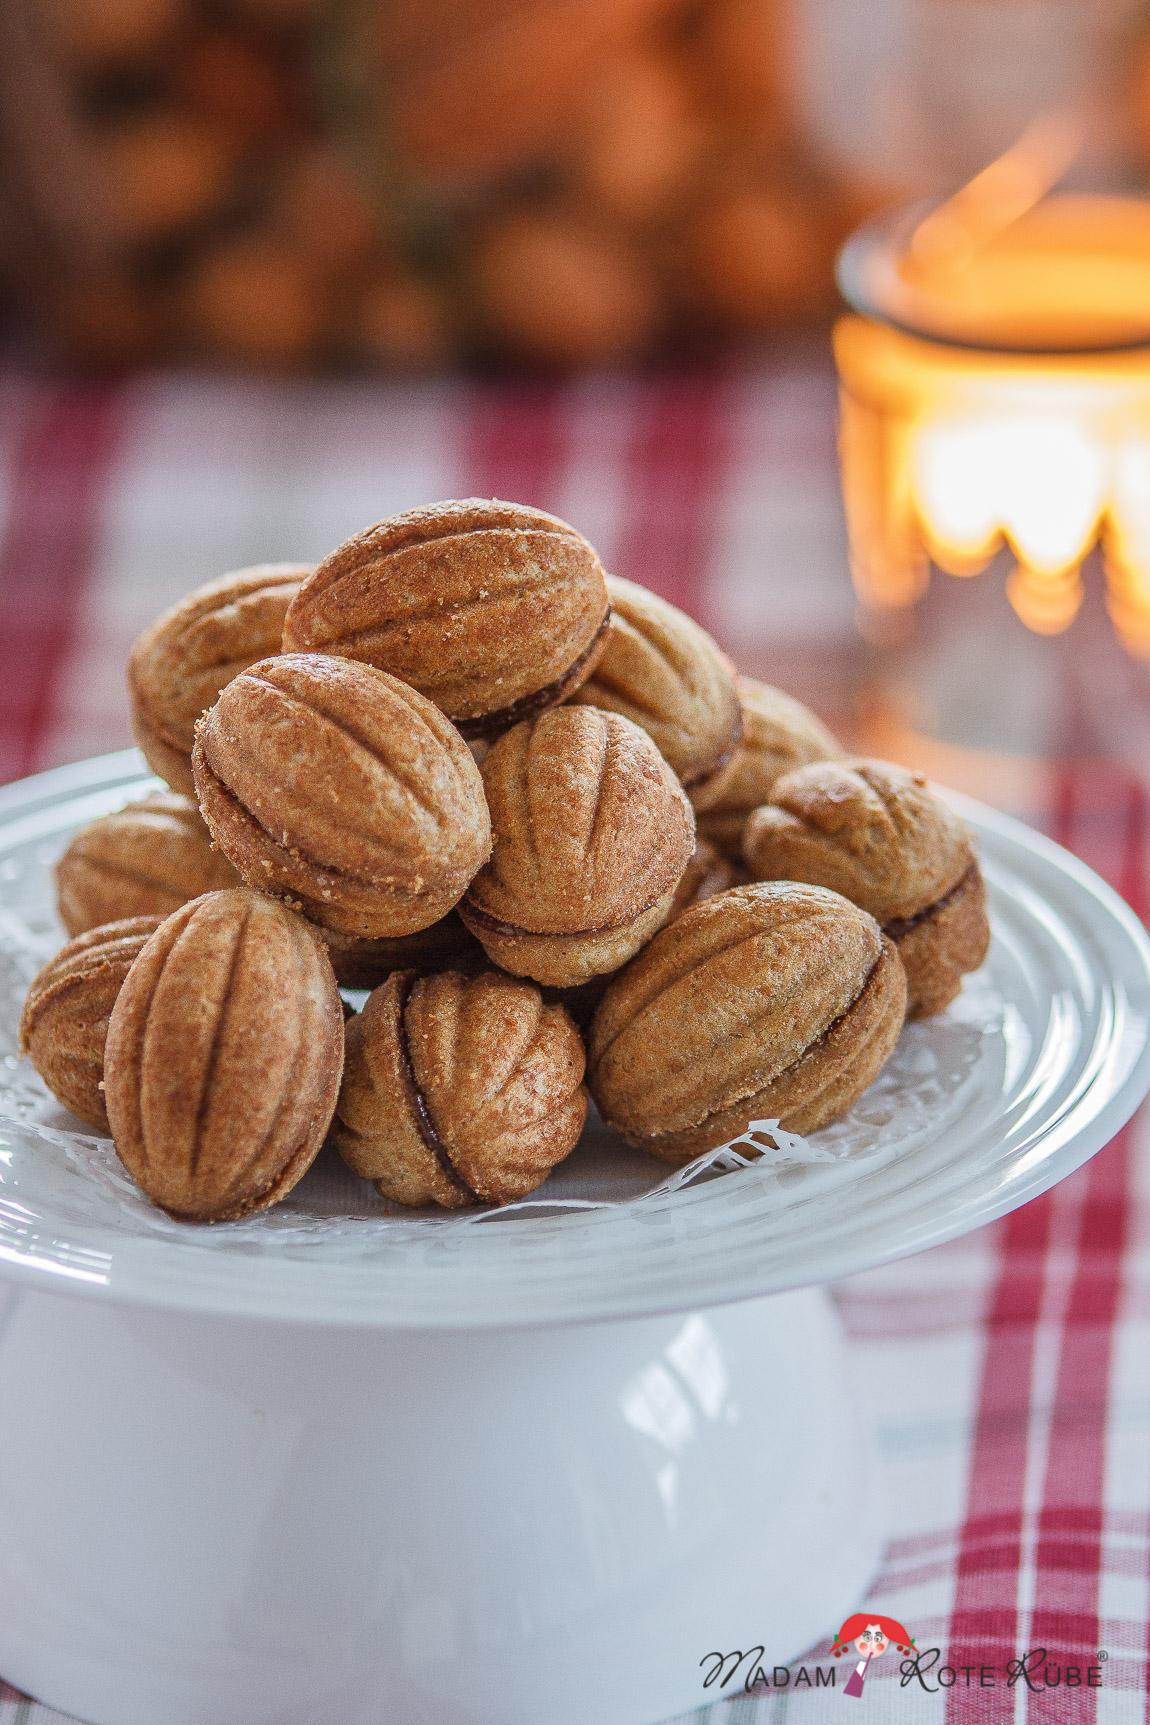 Leckerbissen aus der Weihnachtsbäckerei: Schoko-Zaubernüsse - Madam Rote  Rübe & die Landküche